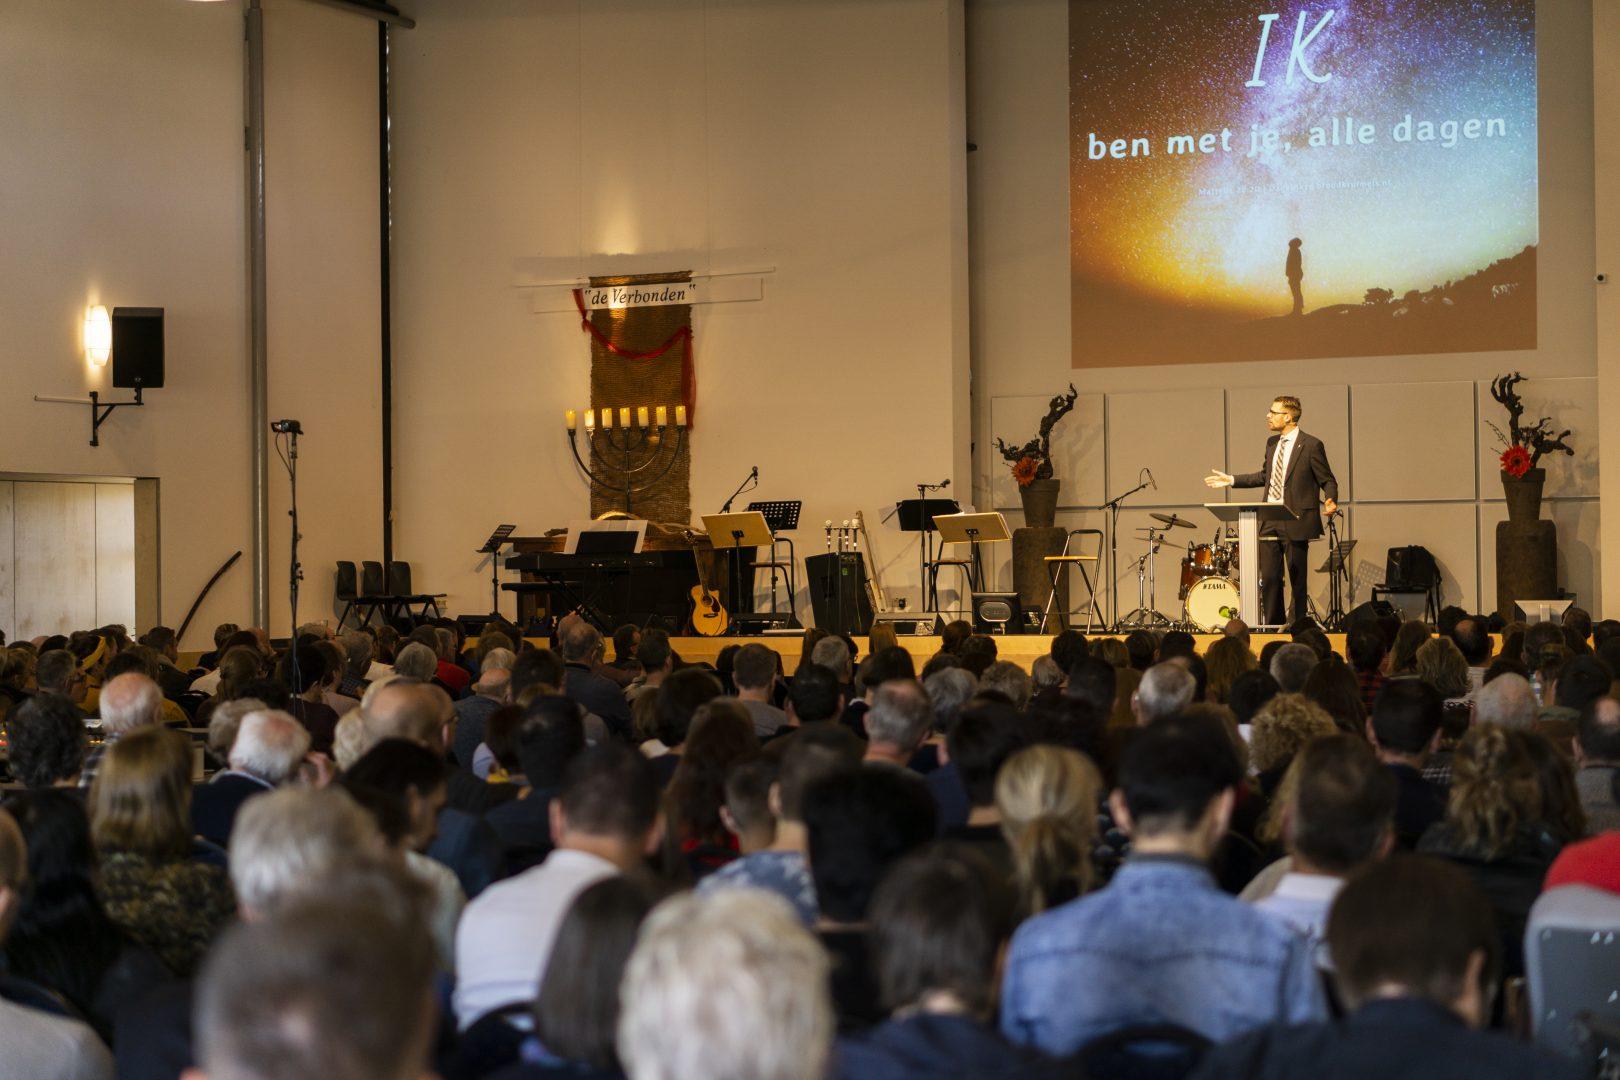 Gijs de Bree op podium – IK ben met je, alle dagen (2)